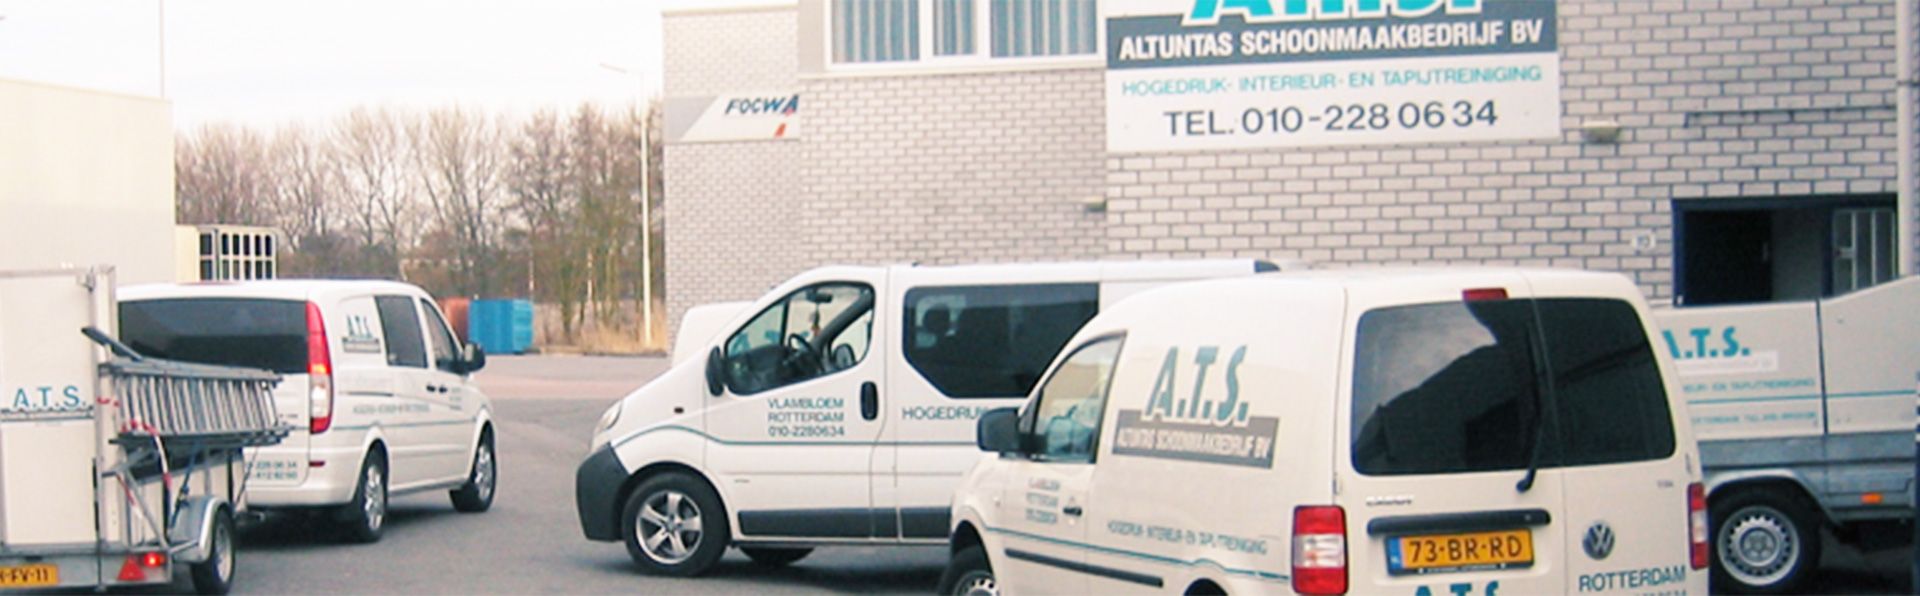 Schoonmaakbedrijf-Naaldwijk-ATS-header